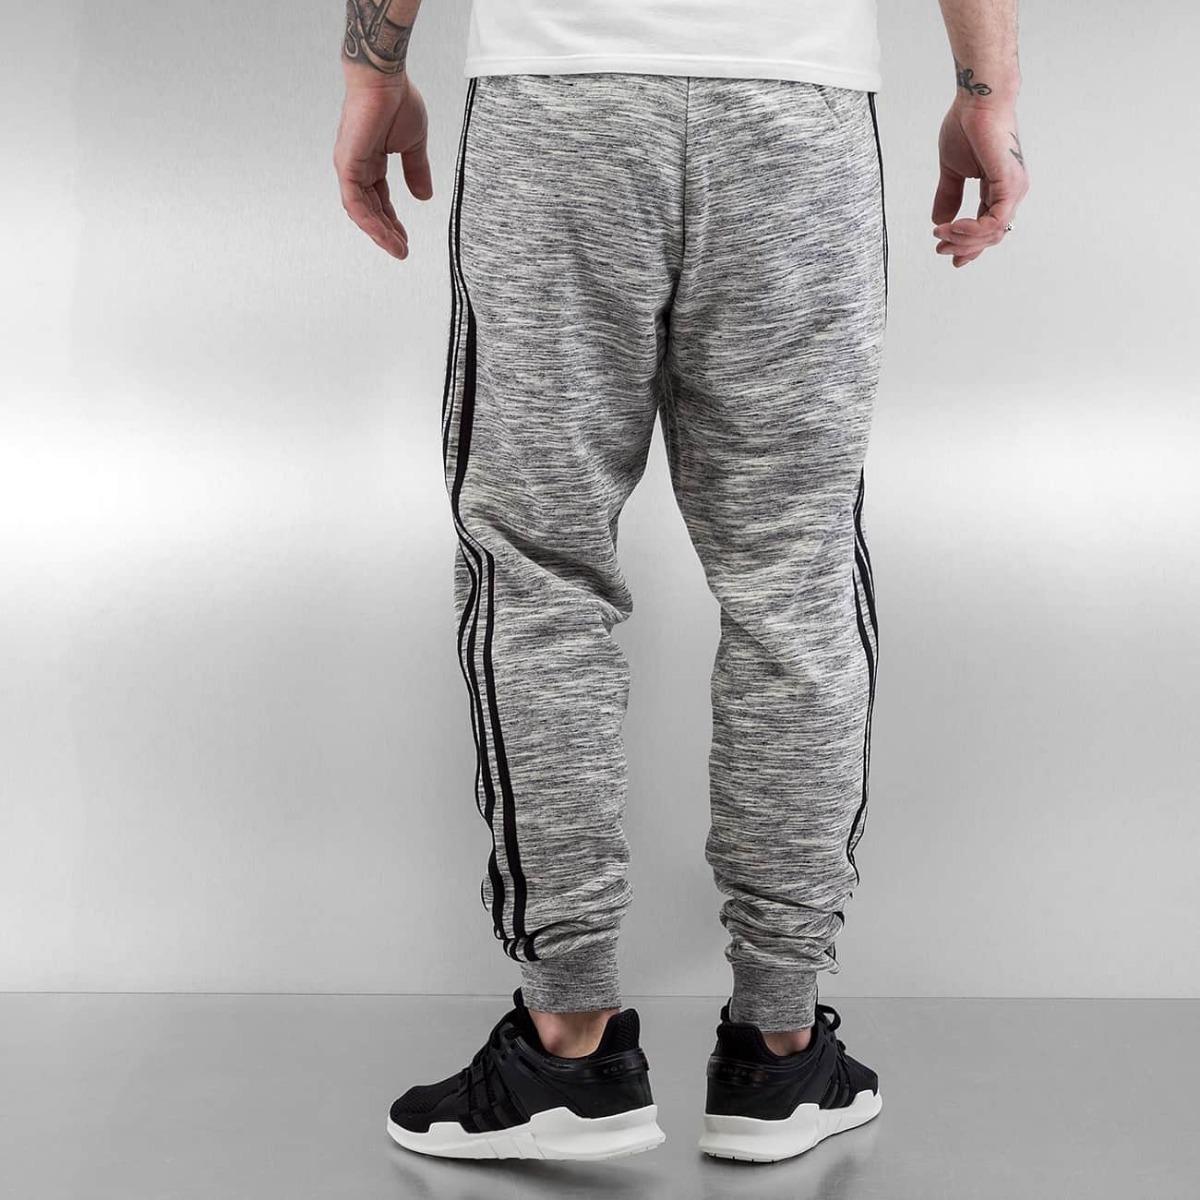 En California Originals Adidas 00 249 Pantalon Pants 2 Ft f8qwxn4